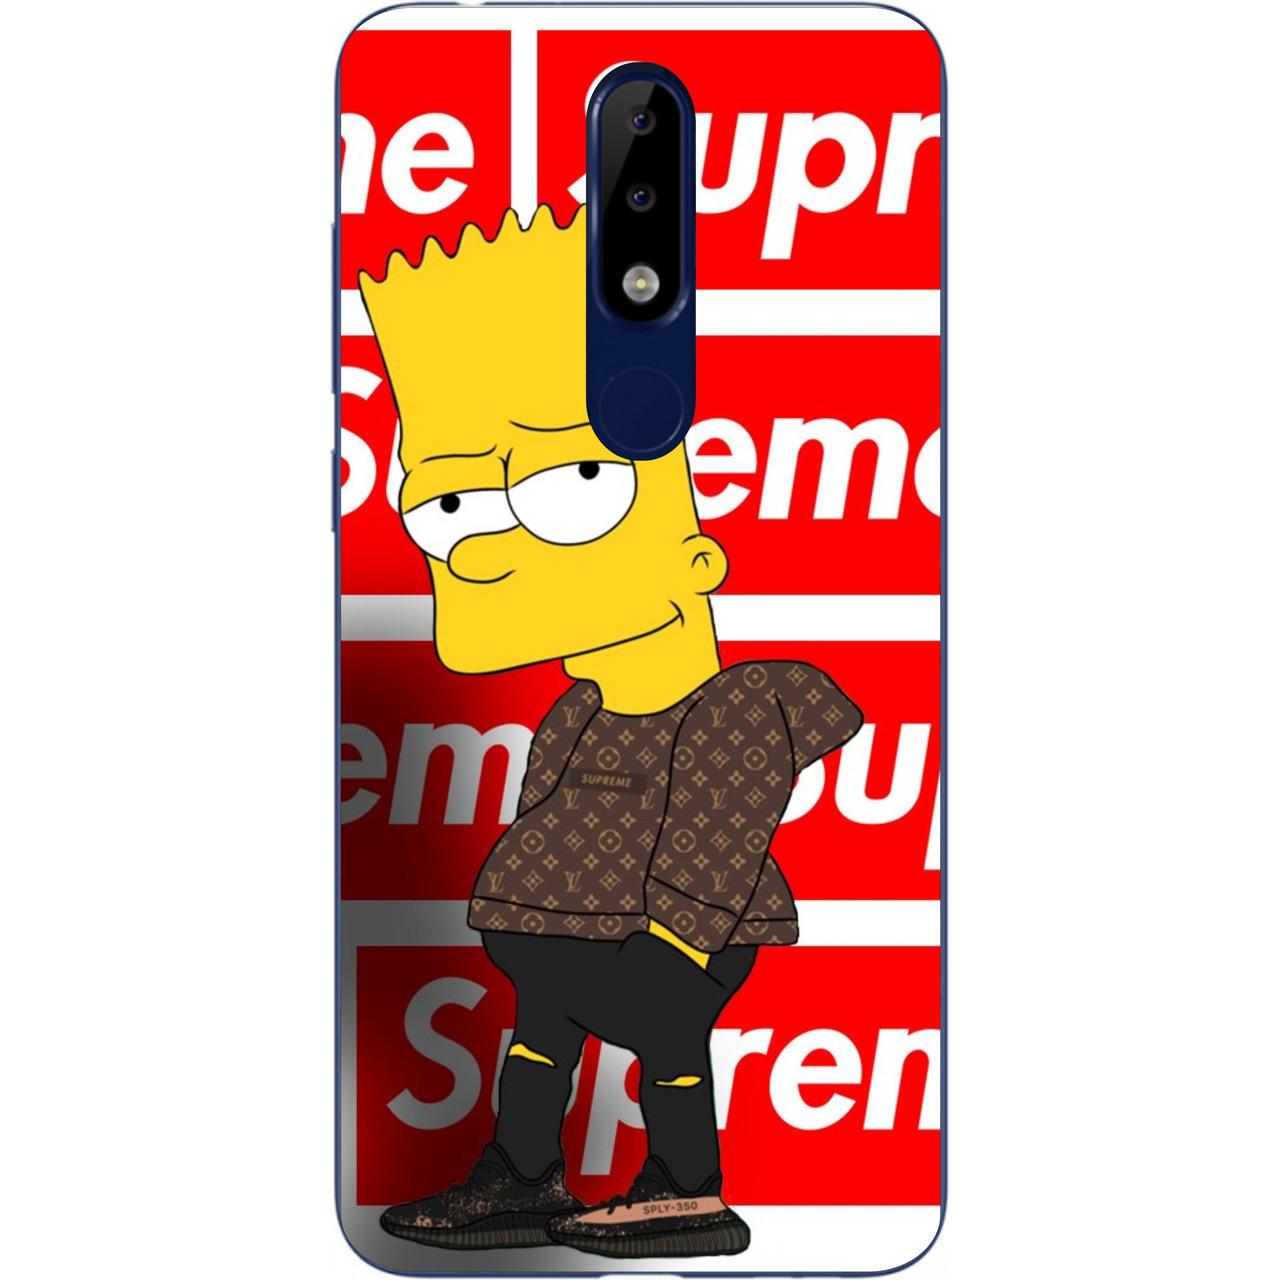 Бампер силіконовий чохол для Nokia 5.1 Plus з картинкою Сімпсон